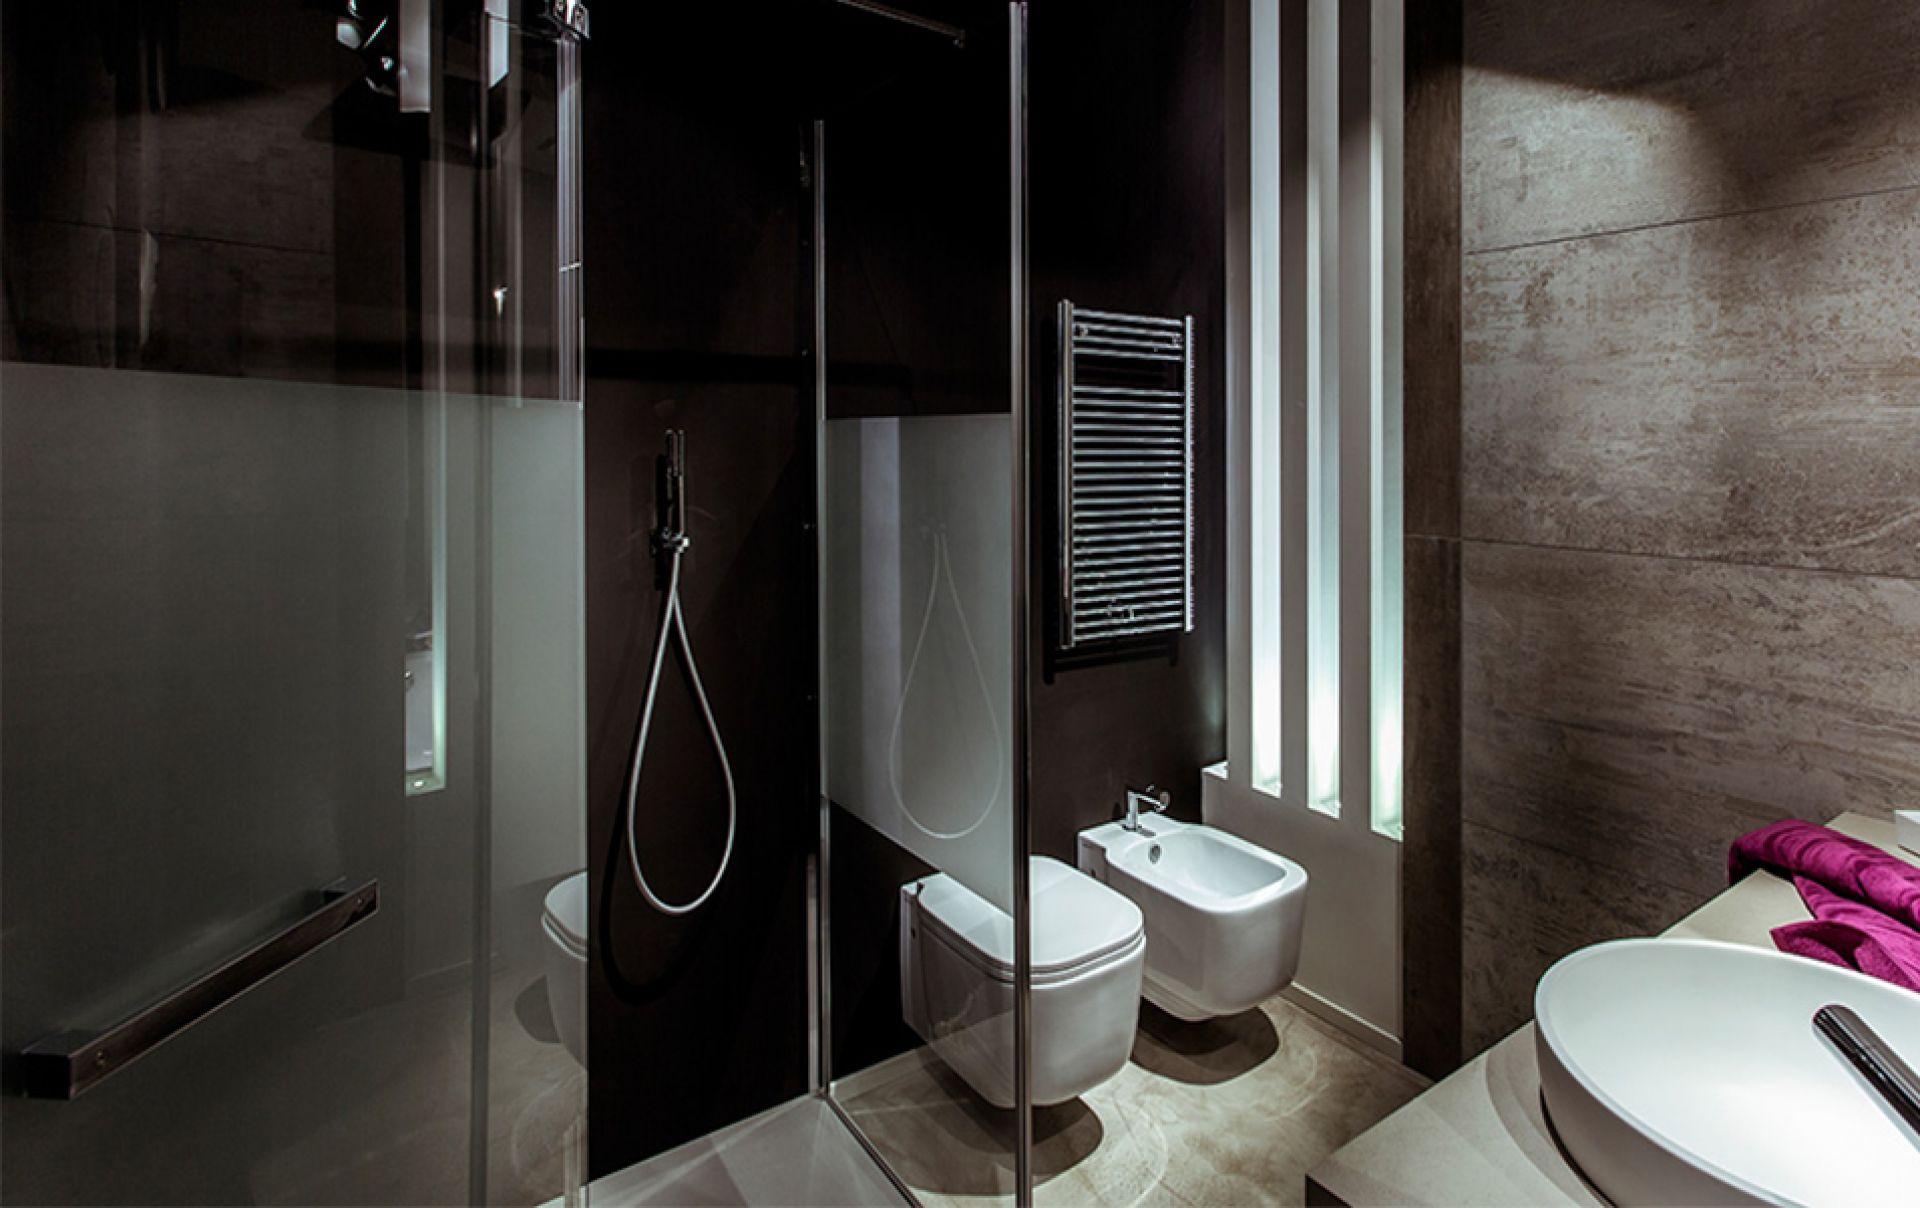 sanitari bagno bergamo | abc interni - Arredo Bagno A Bergamo